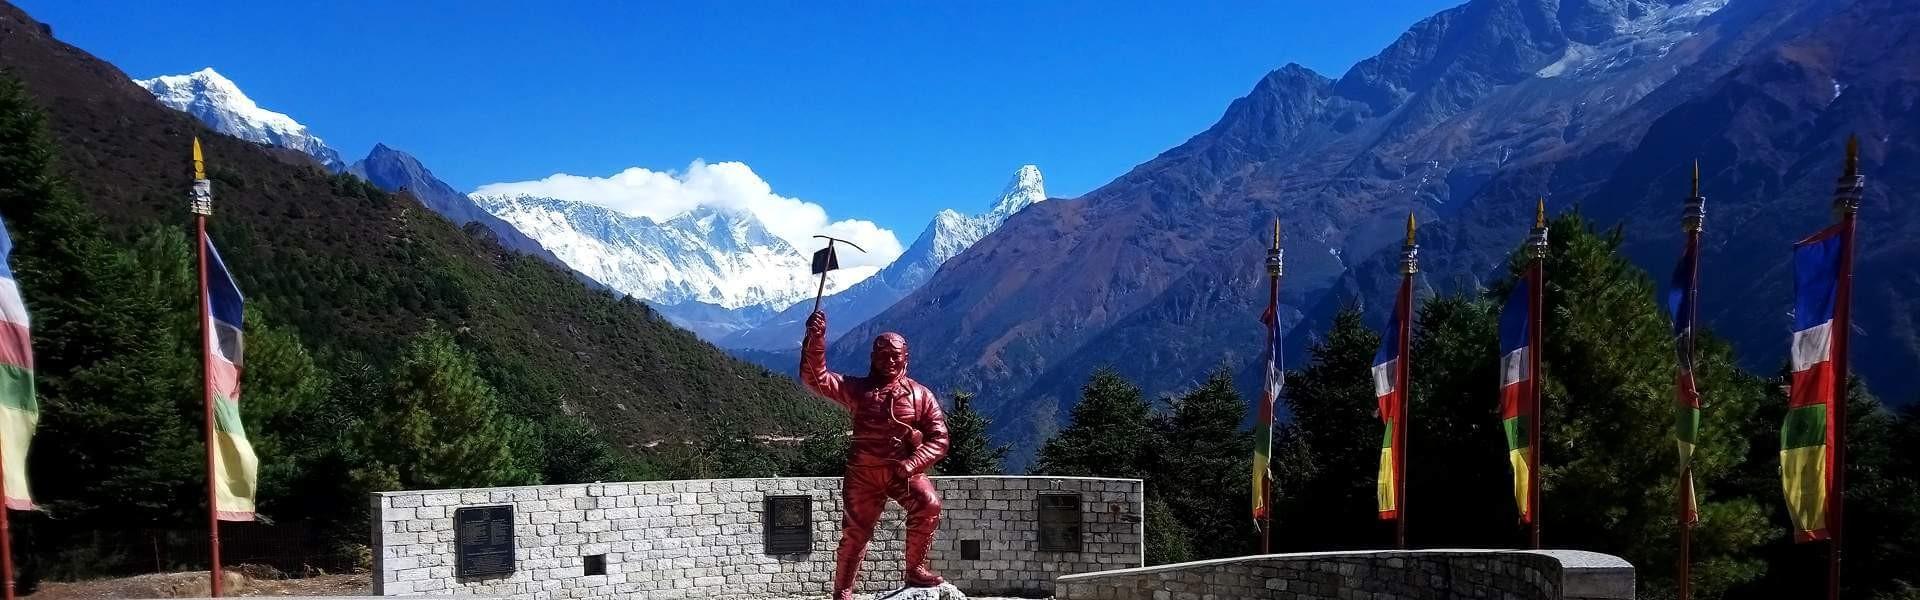 Everest Panorama trek, Everest easy and short trek